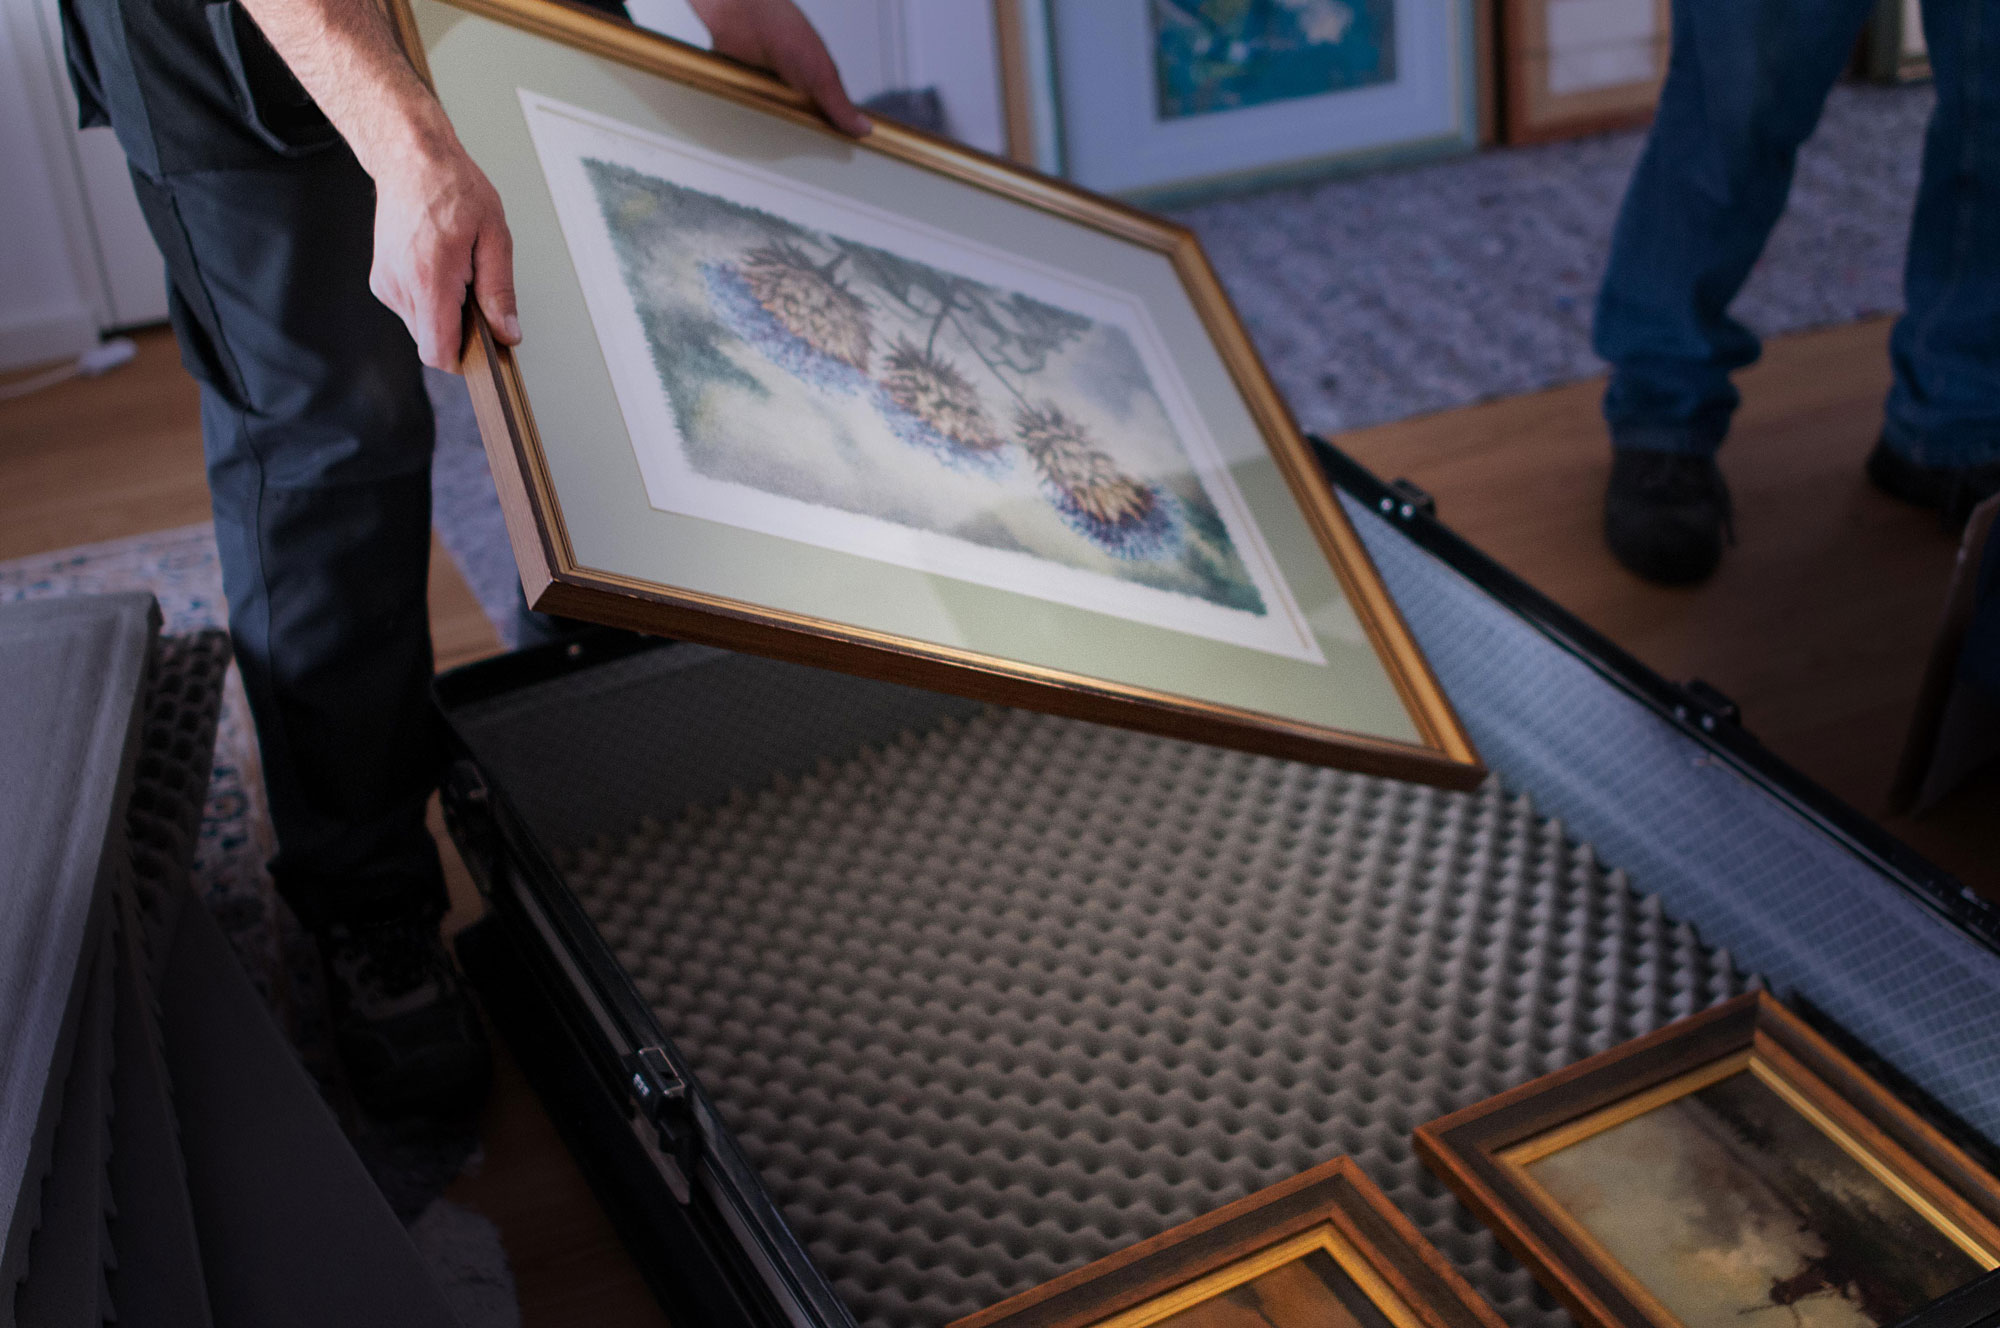 Bild von einem Gemälde, dass sorgsam in einem Bilderkoffer verstaut wird.